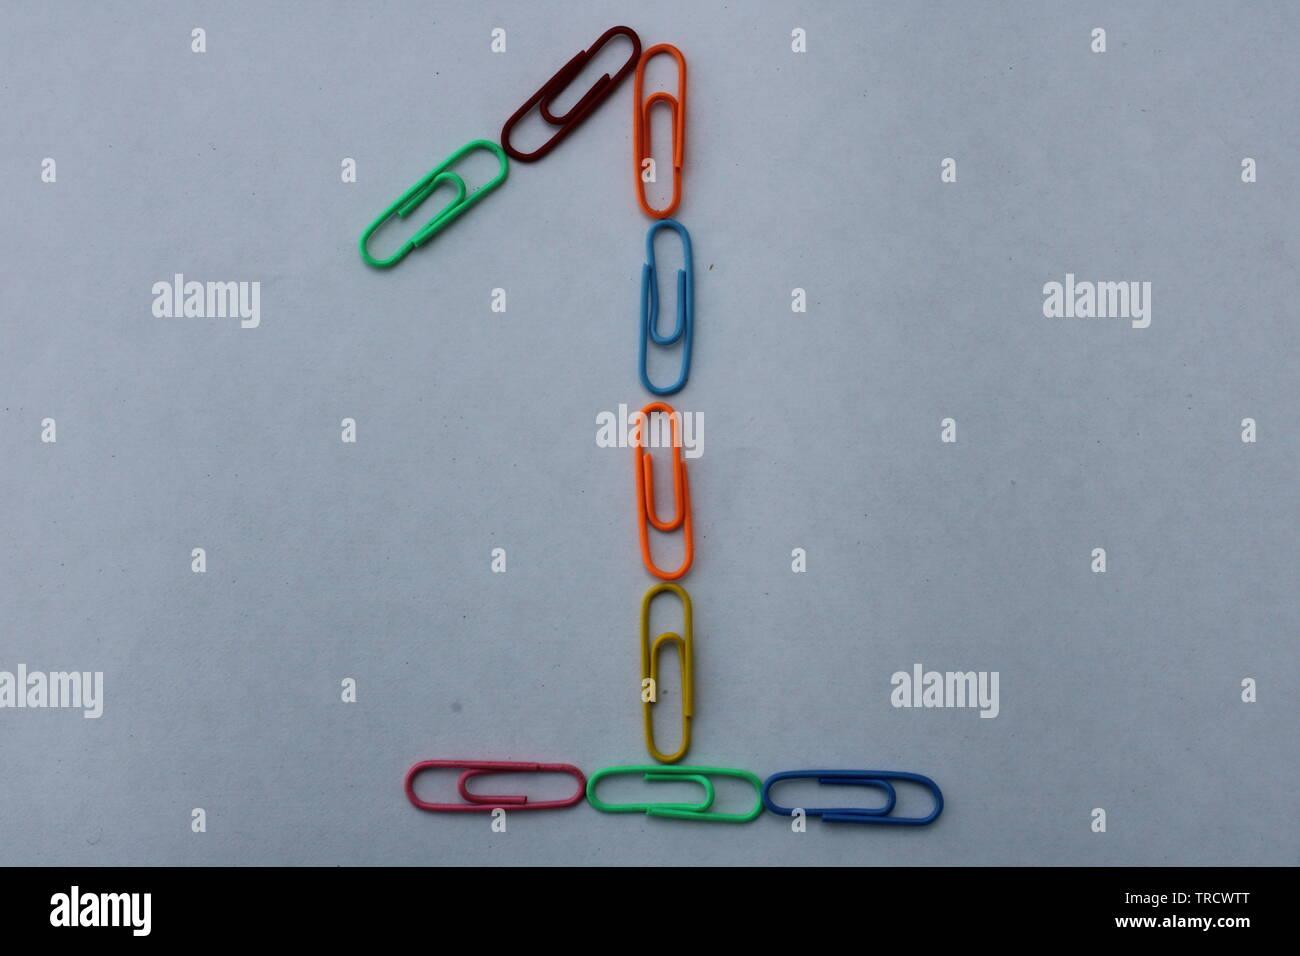 Numéro 1 fait avec des trombones colorés sur fond blanc Photo Stock